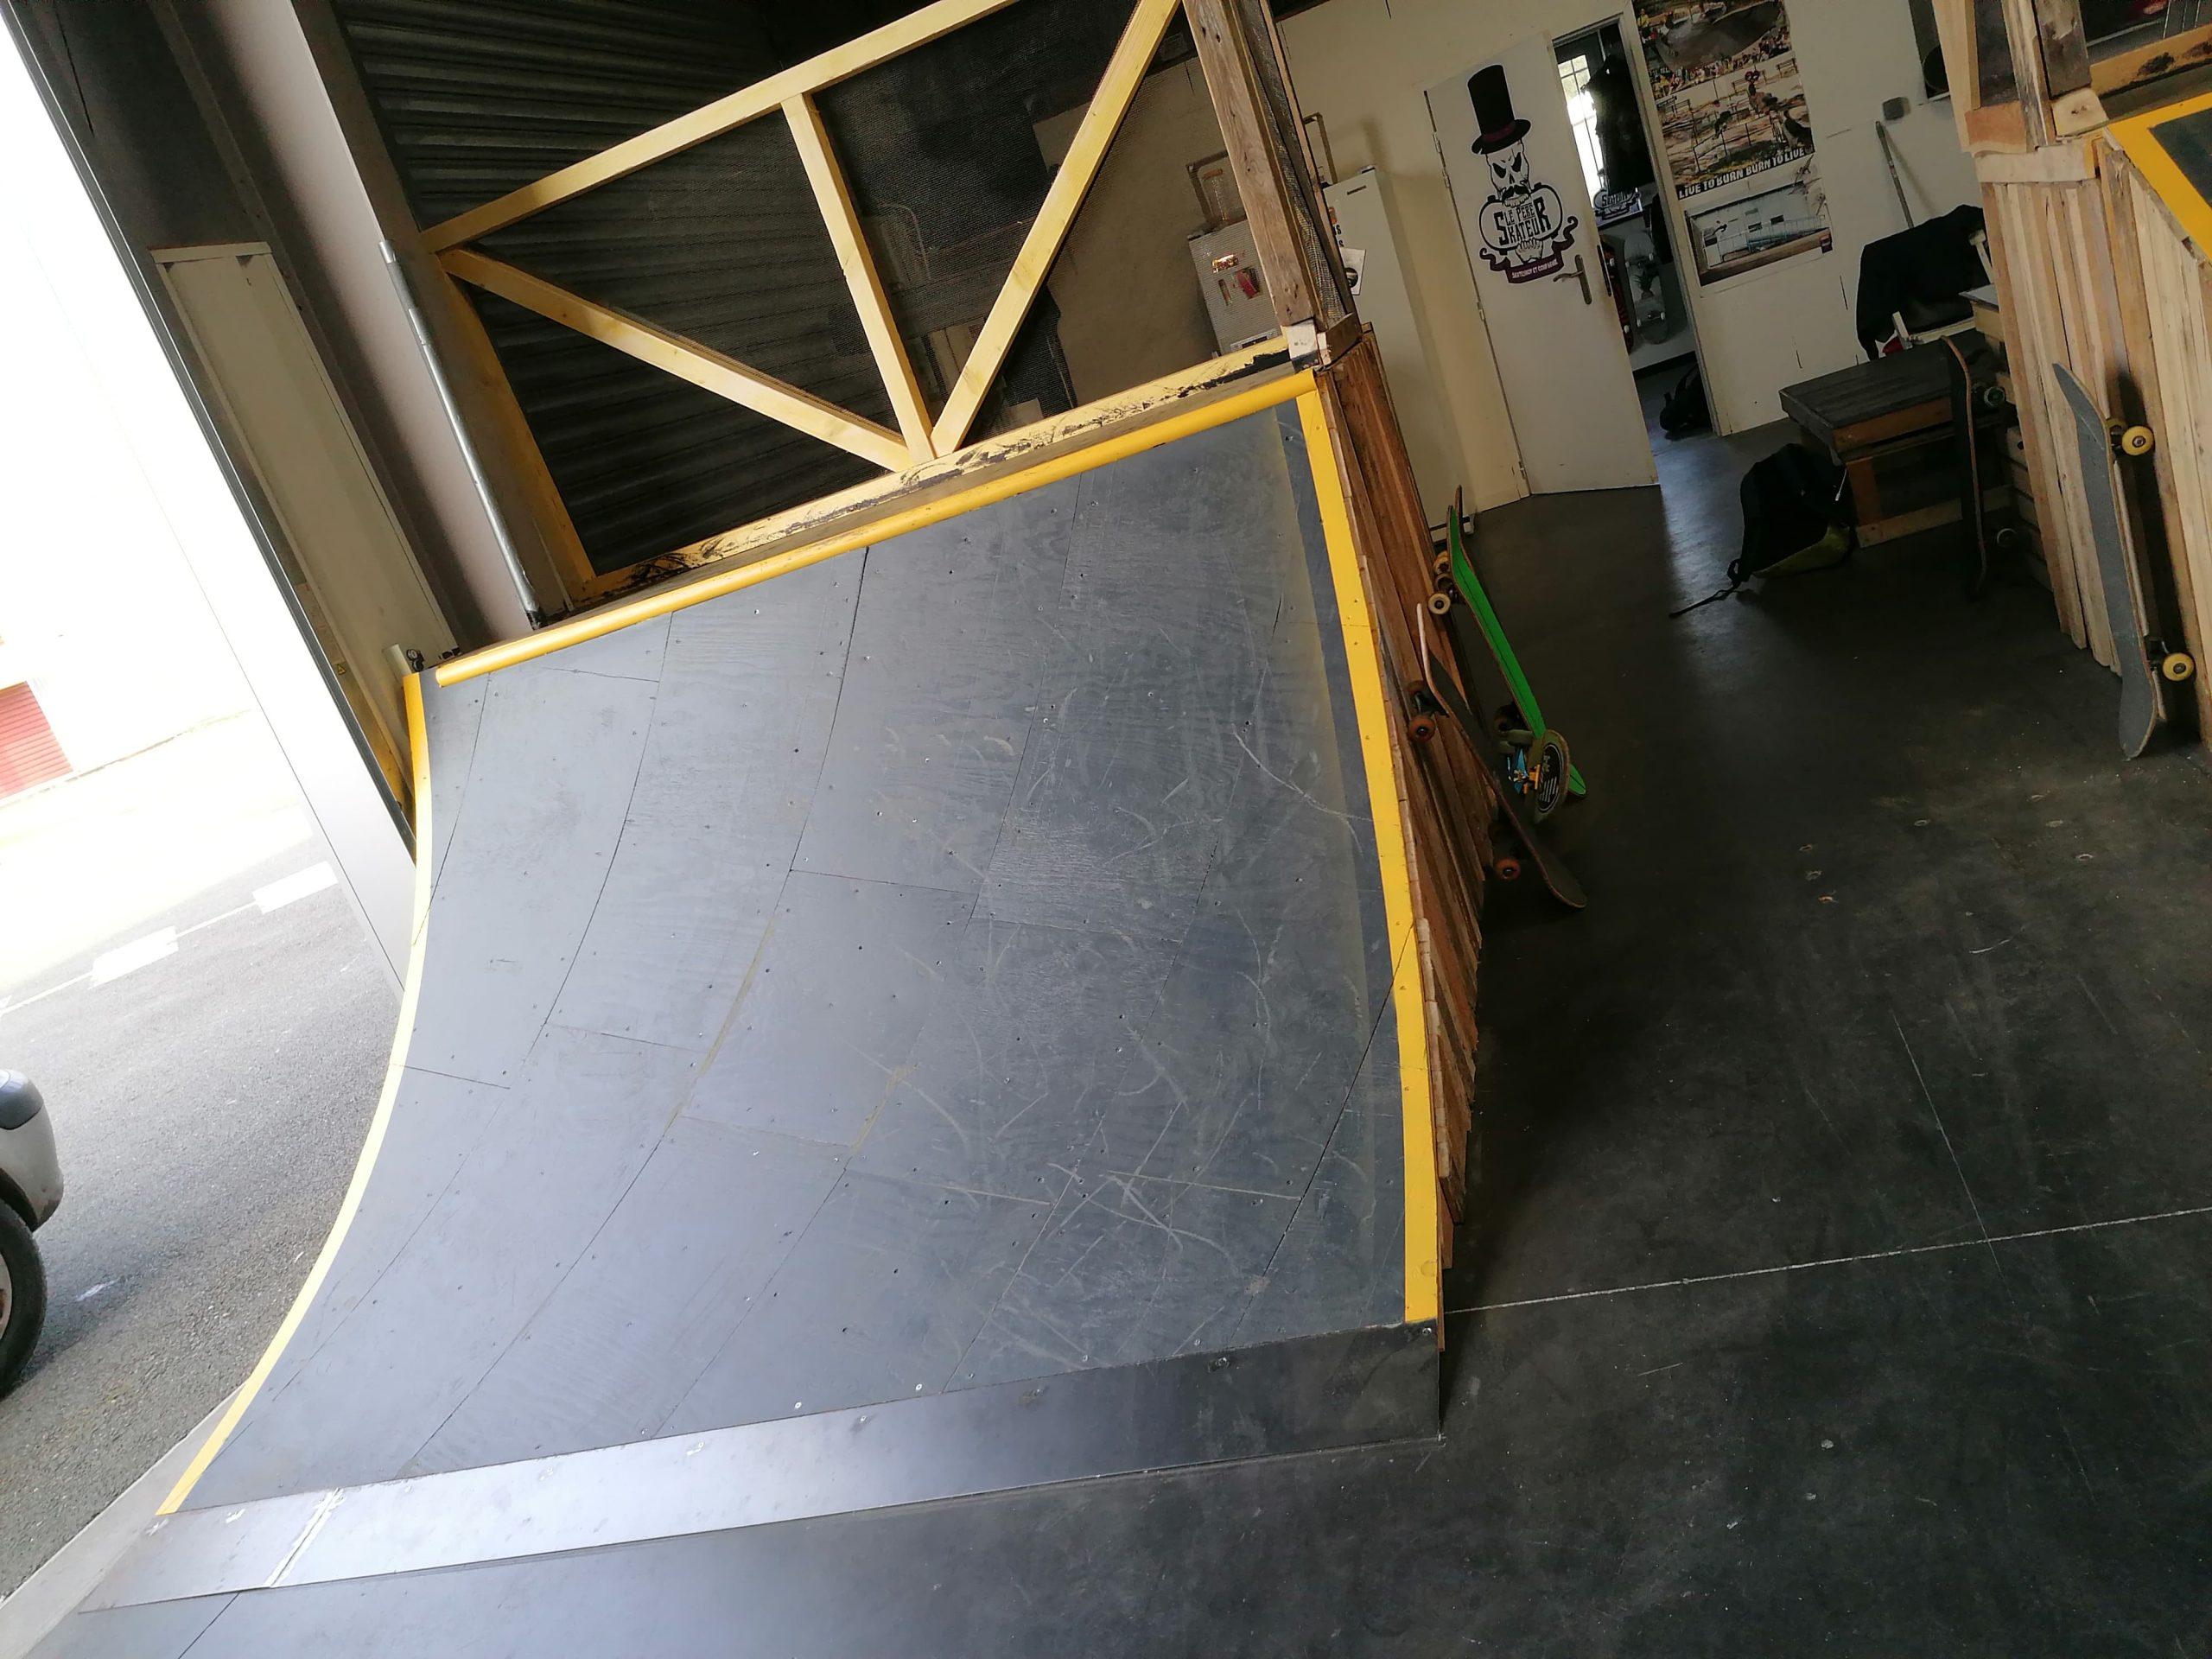 skatepark couvert le barp, gironde